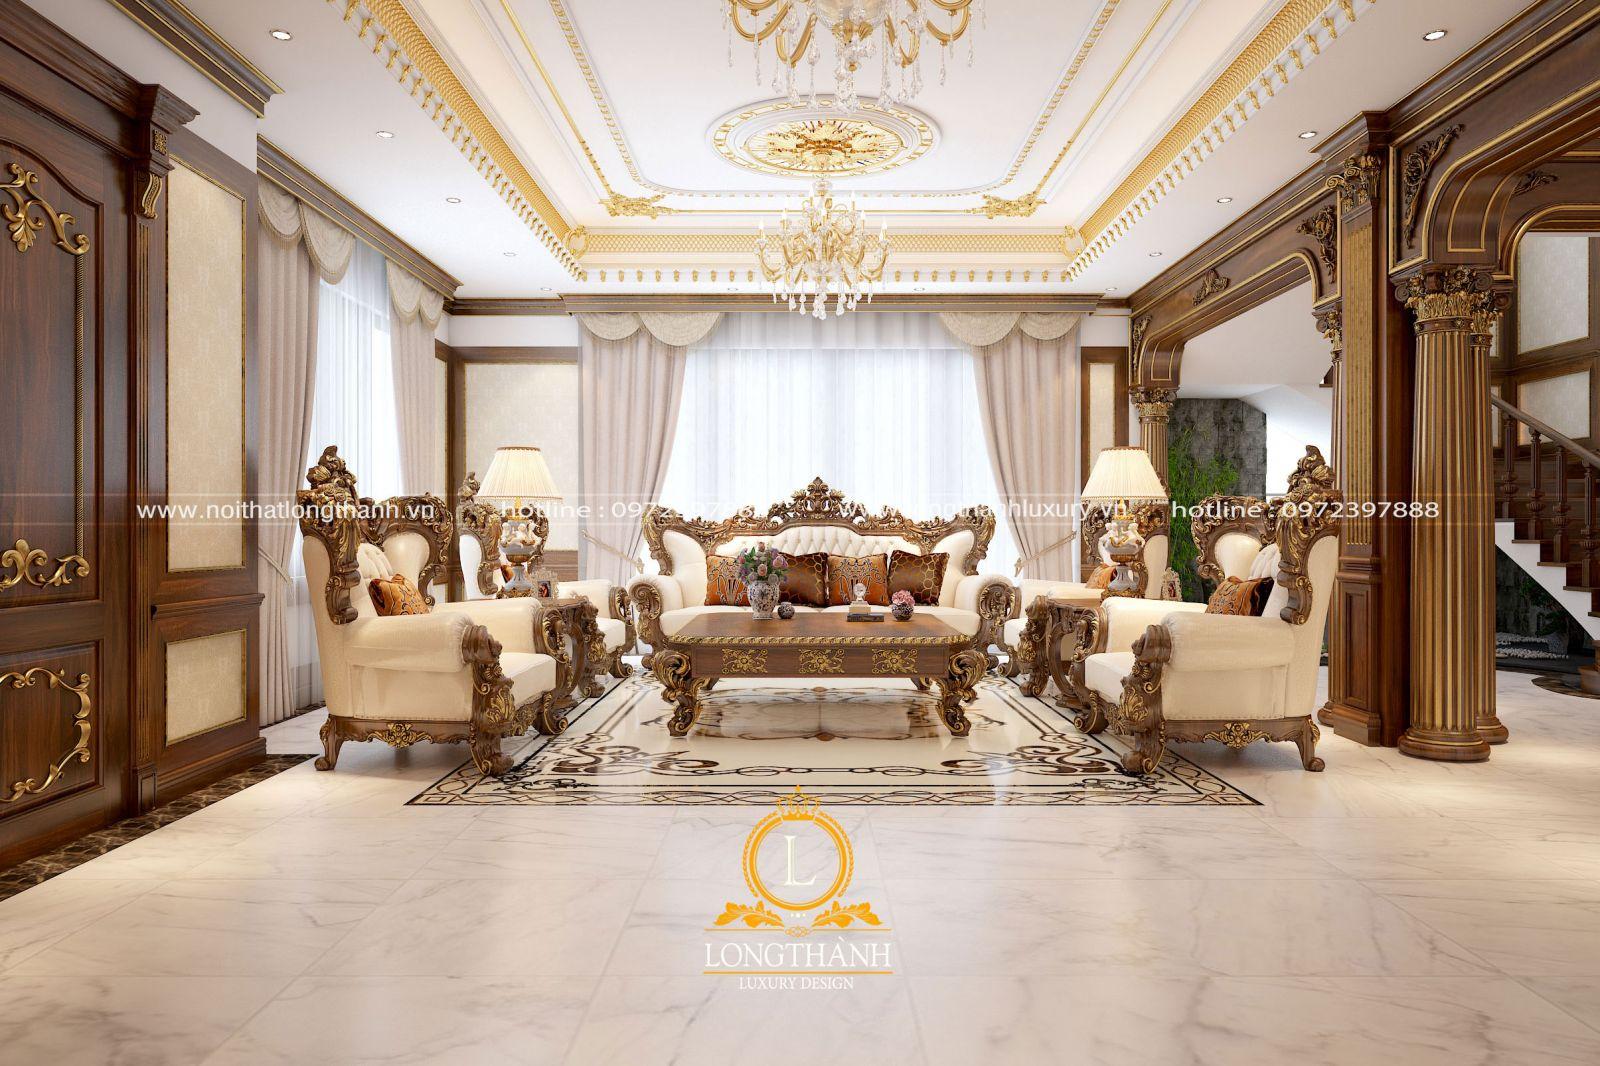 Bộ sofa mạ vàng độc đáo với thiết kế tinh tế cân đối với diện tích phòng khách